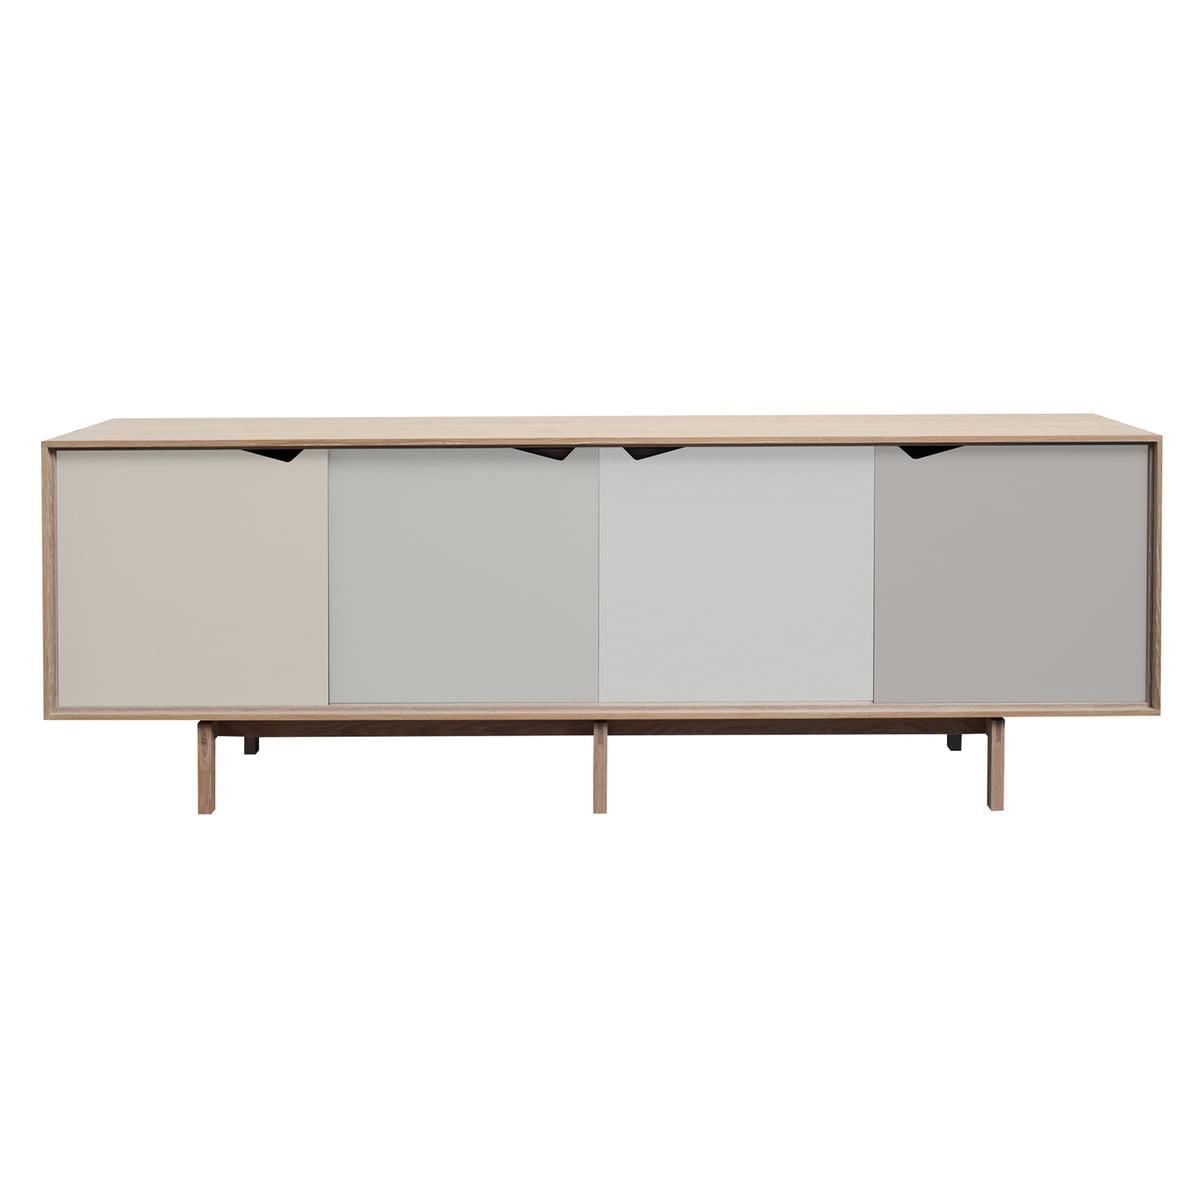 Sideboard Beige s1 sideboard multicoloured andersen furniture